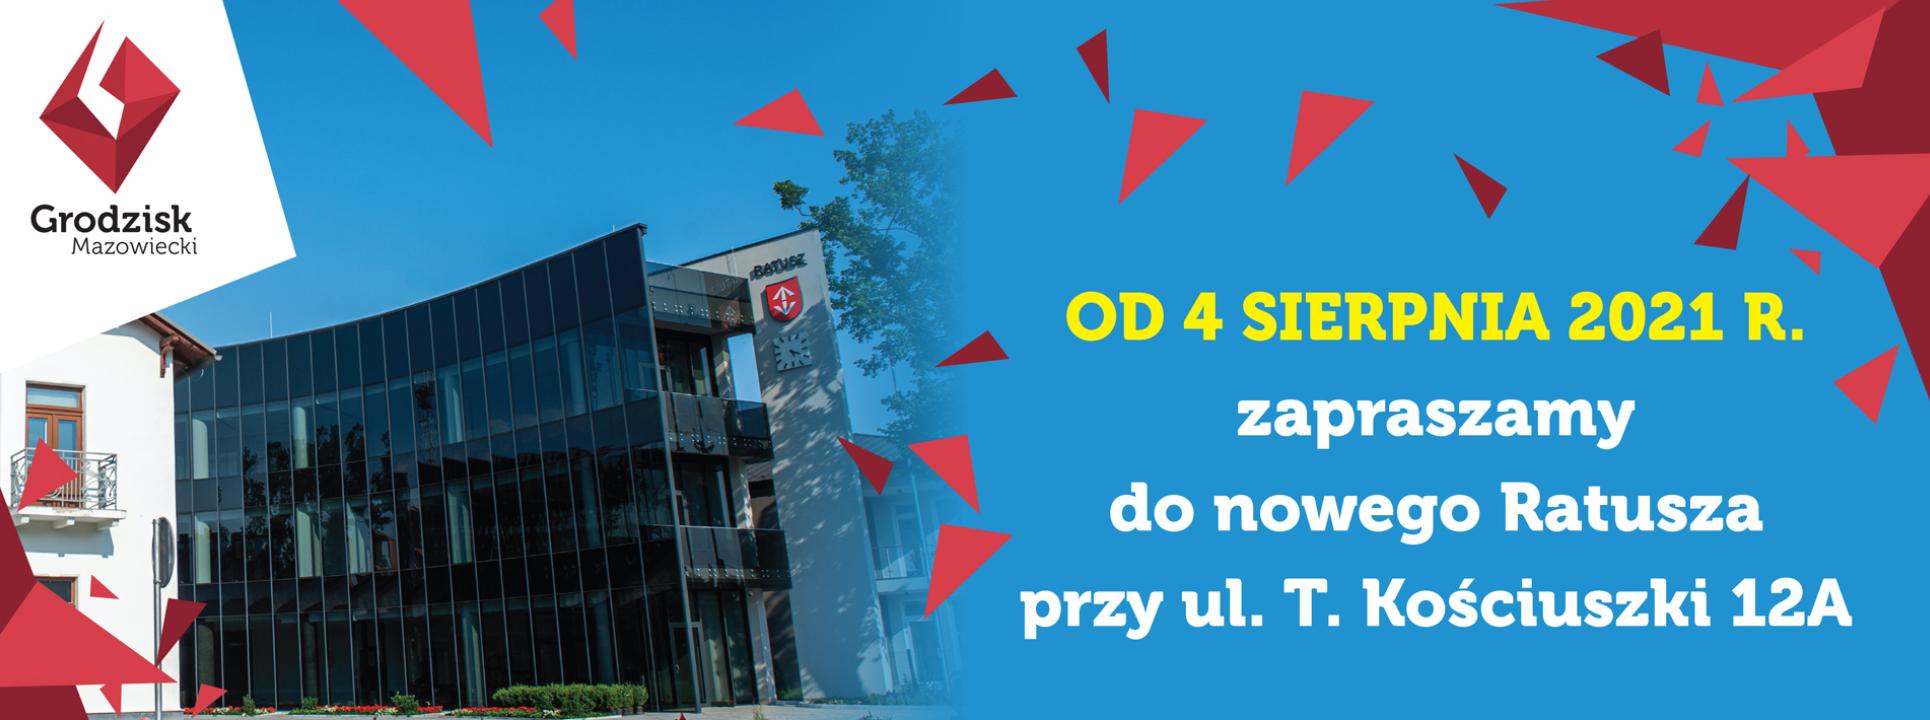 Grodzisk Mazowiecki OD 4 sierpnia 2021 r. zapraszamy do nowego Ratusza przy ul. T. Kościuszki 12A